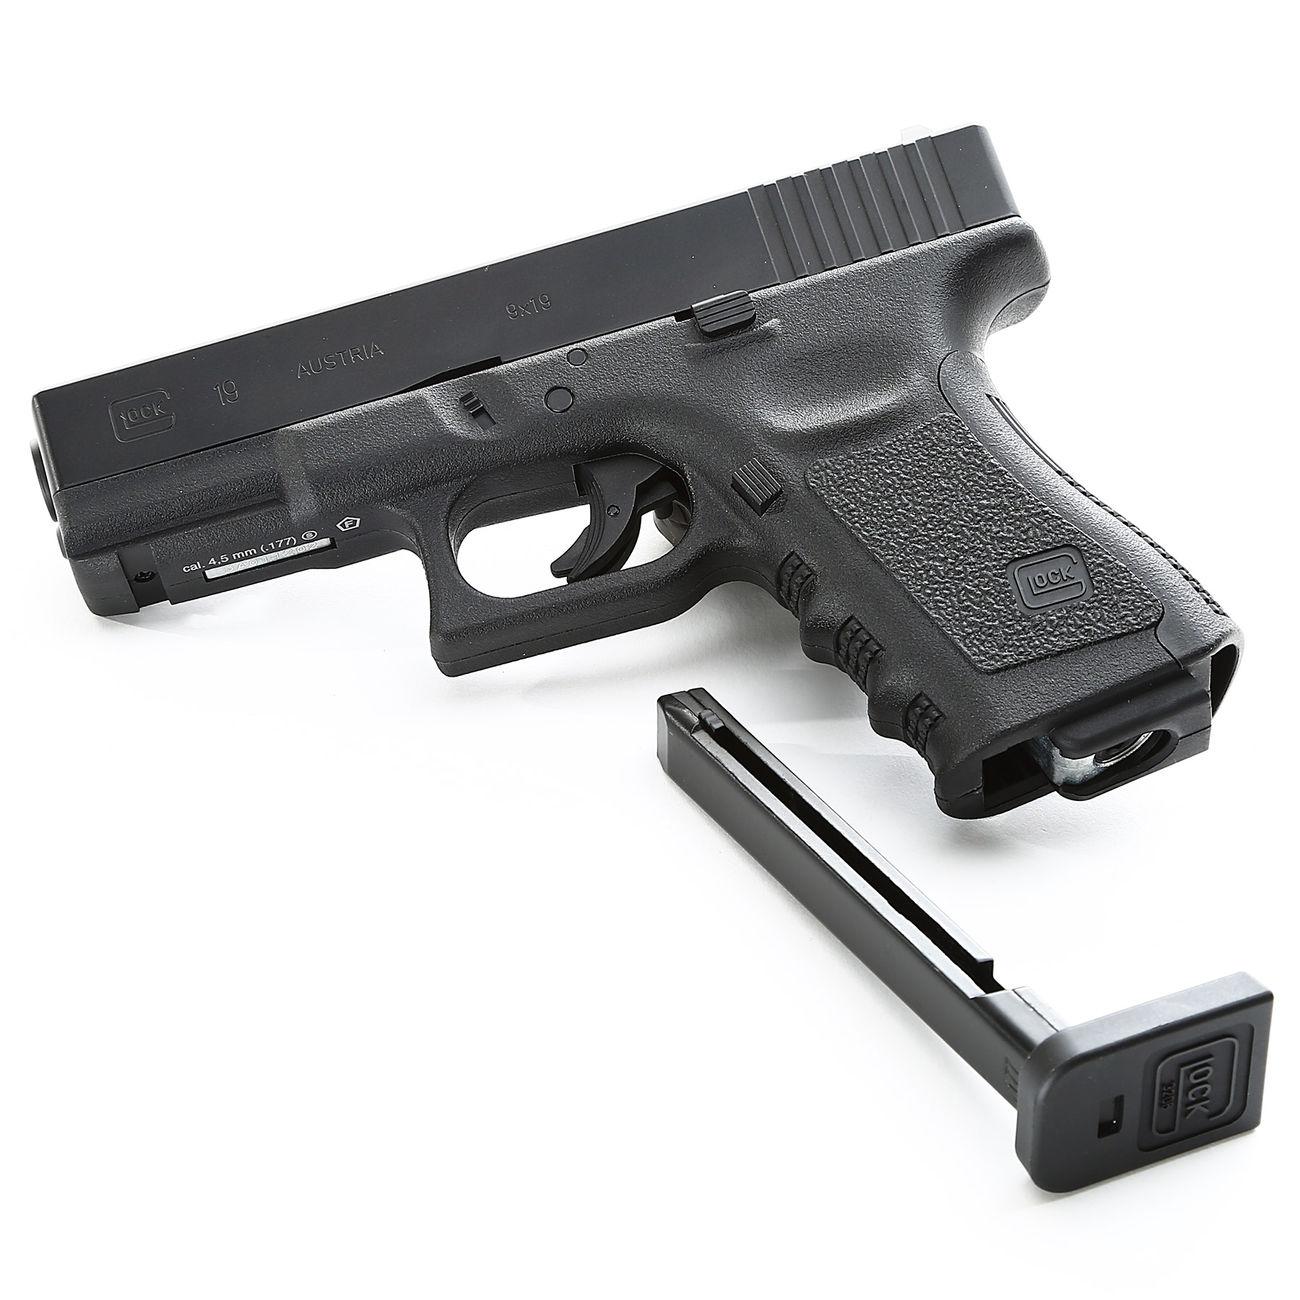 umarex glock 19 co2 luftpistole kal 4 5 mm bb schwarz. Black Bedroom Furniture Sets. Home Design Ideas